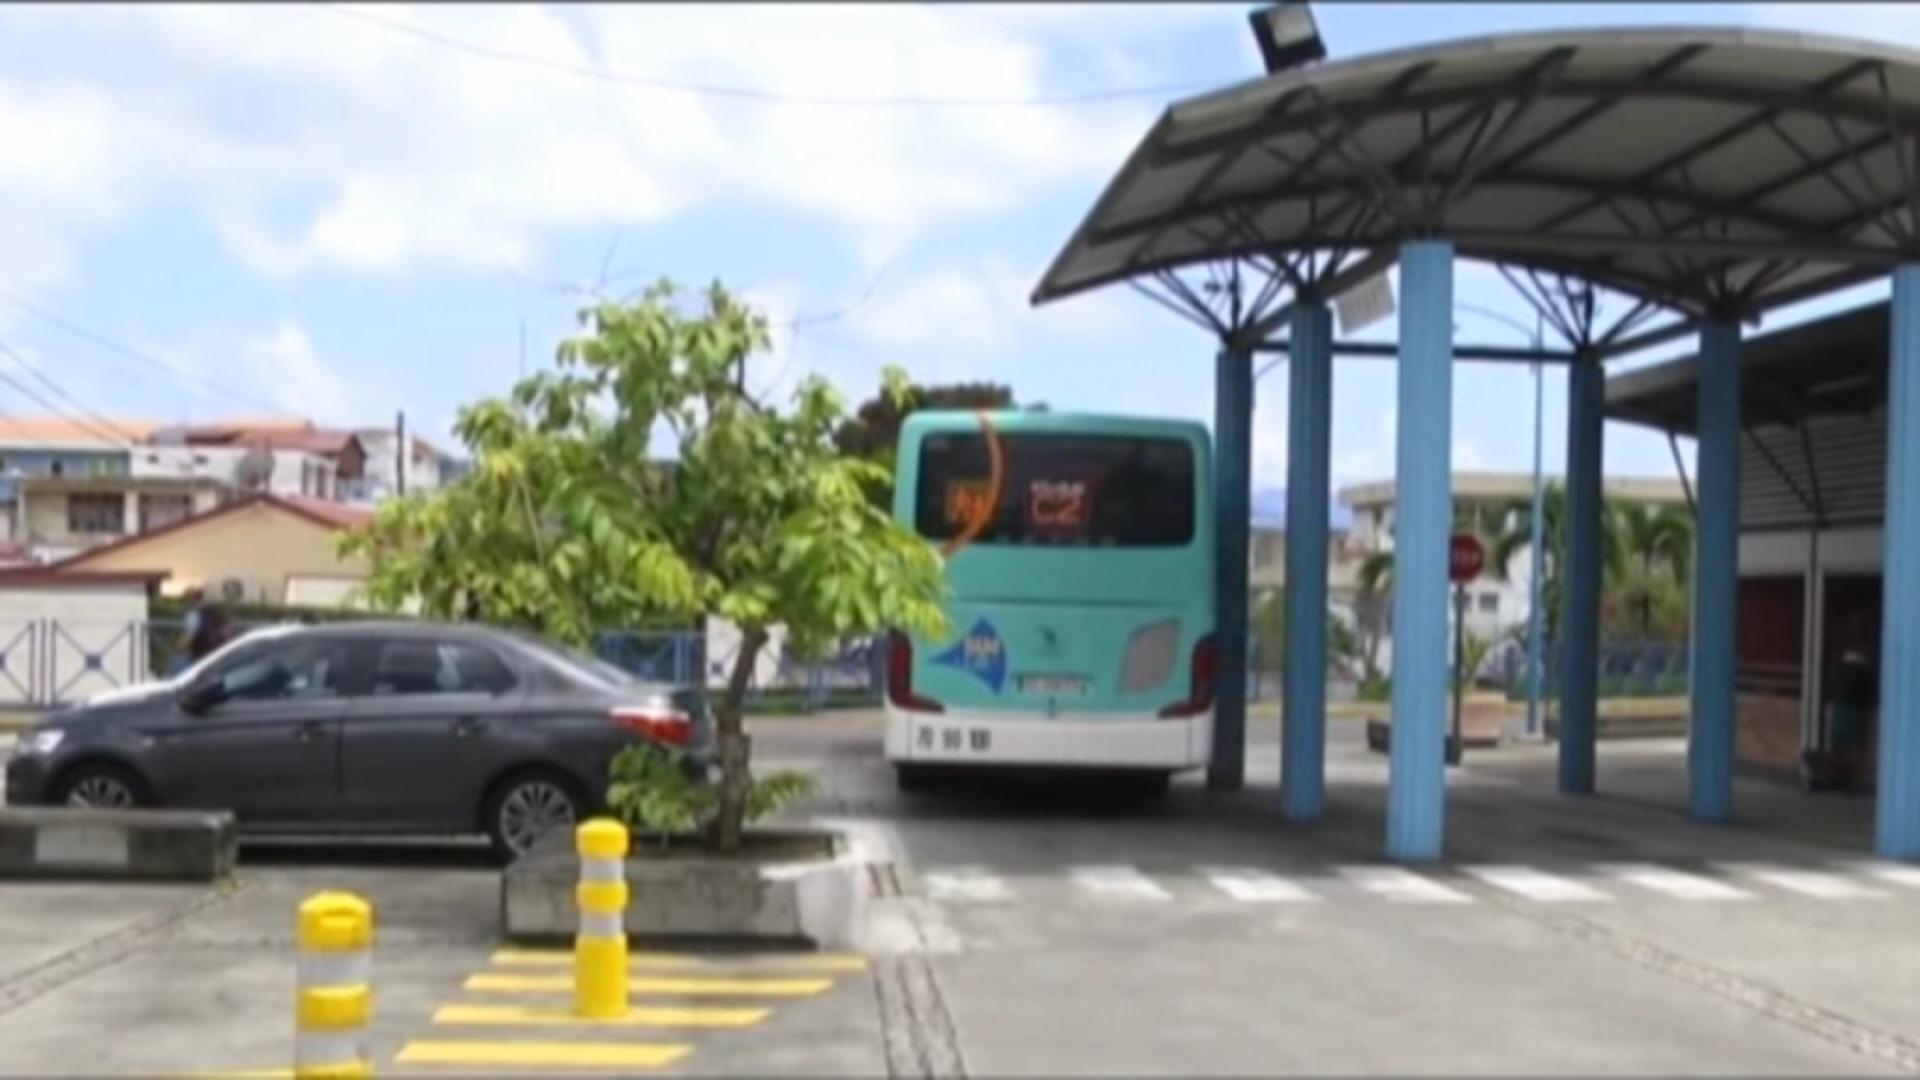 (Vidéo] Onews Martinique. Le Jt de KMT